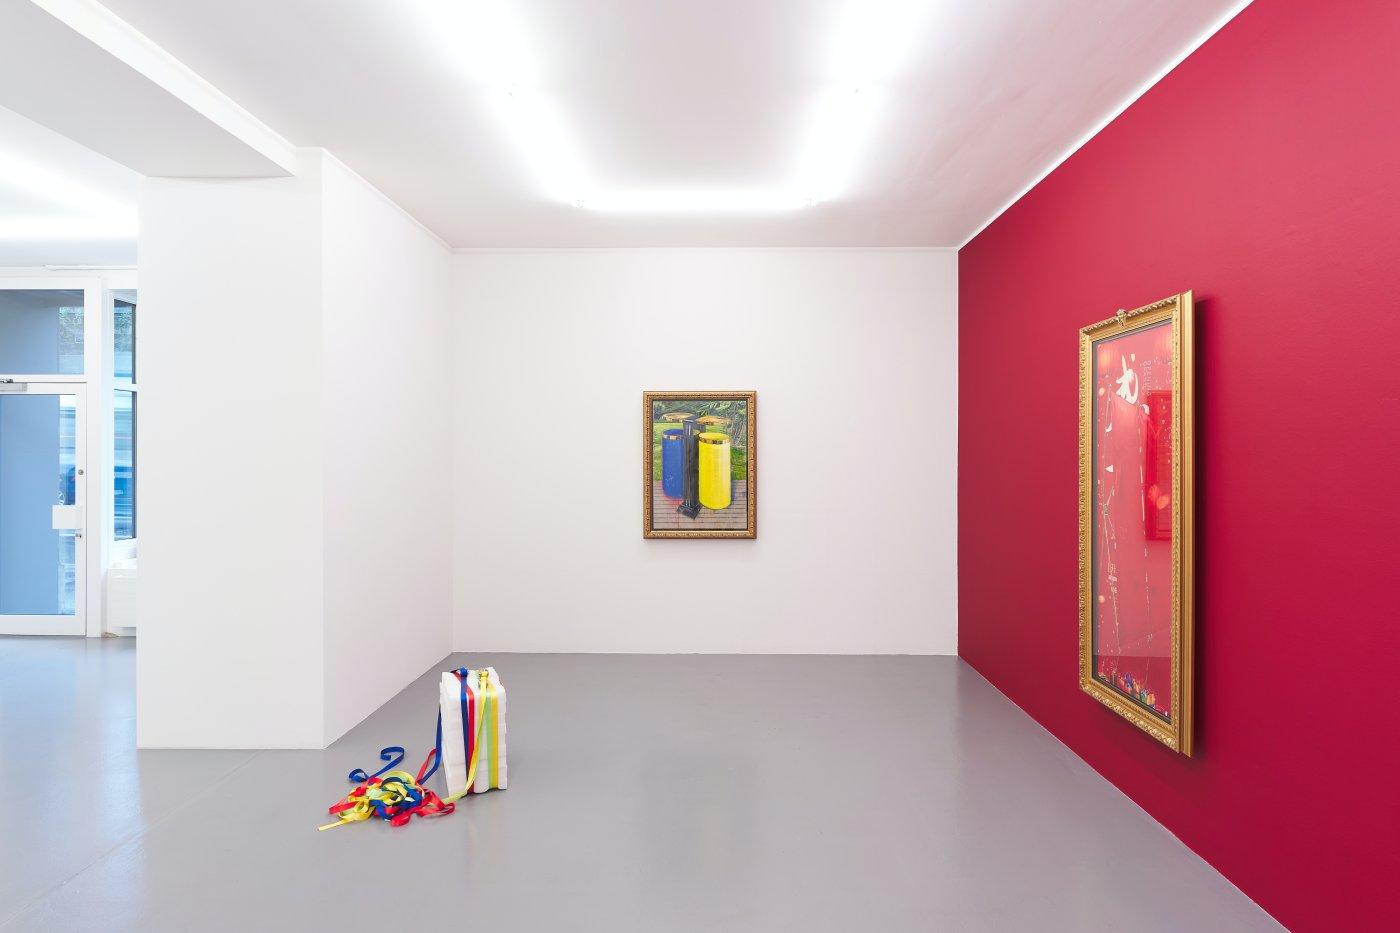 Mai 36 Galerie Zang Kunkun 5